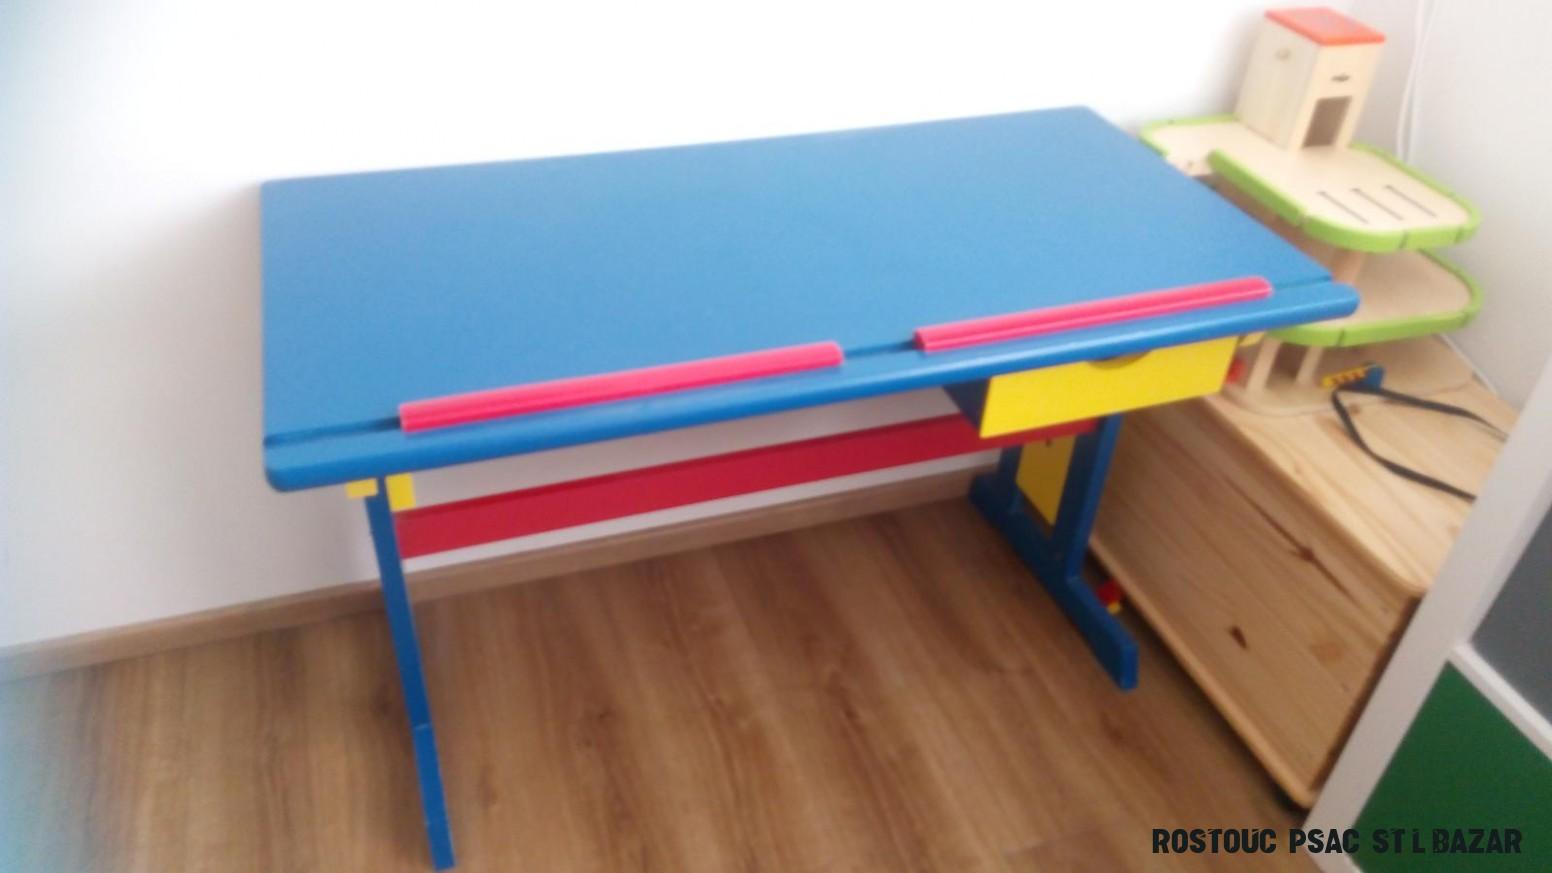 Rostoucí stůl - Bazar  Modrastrecha.cz